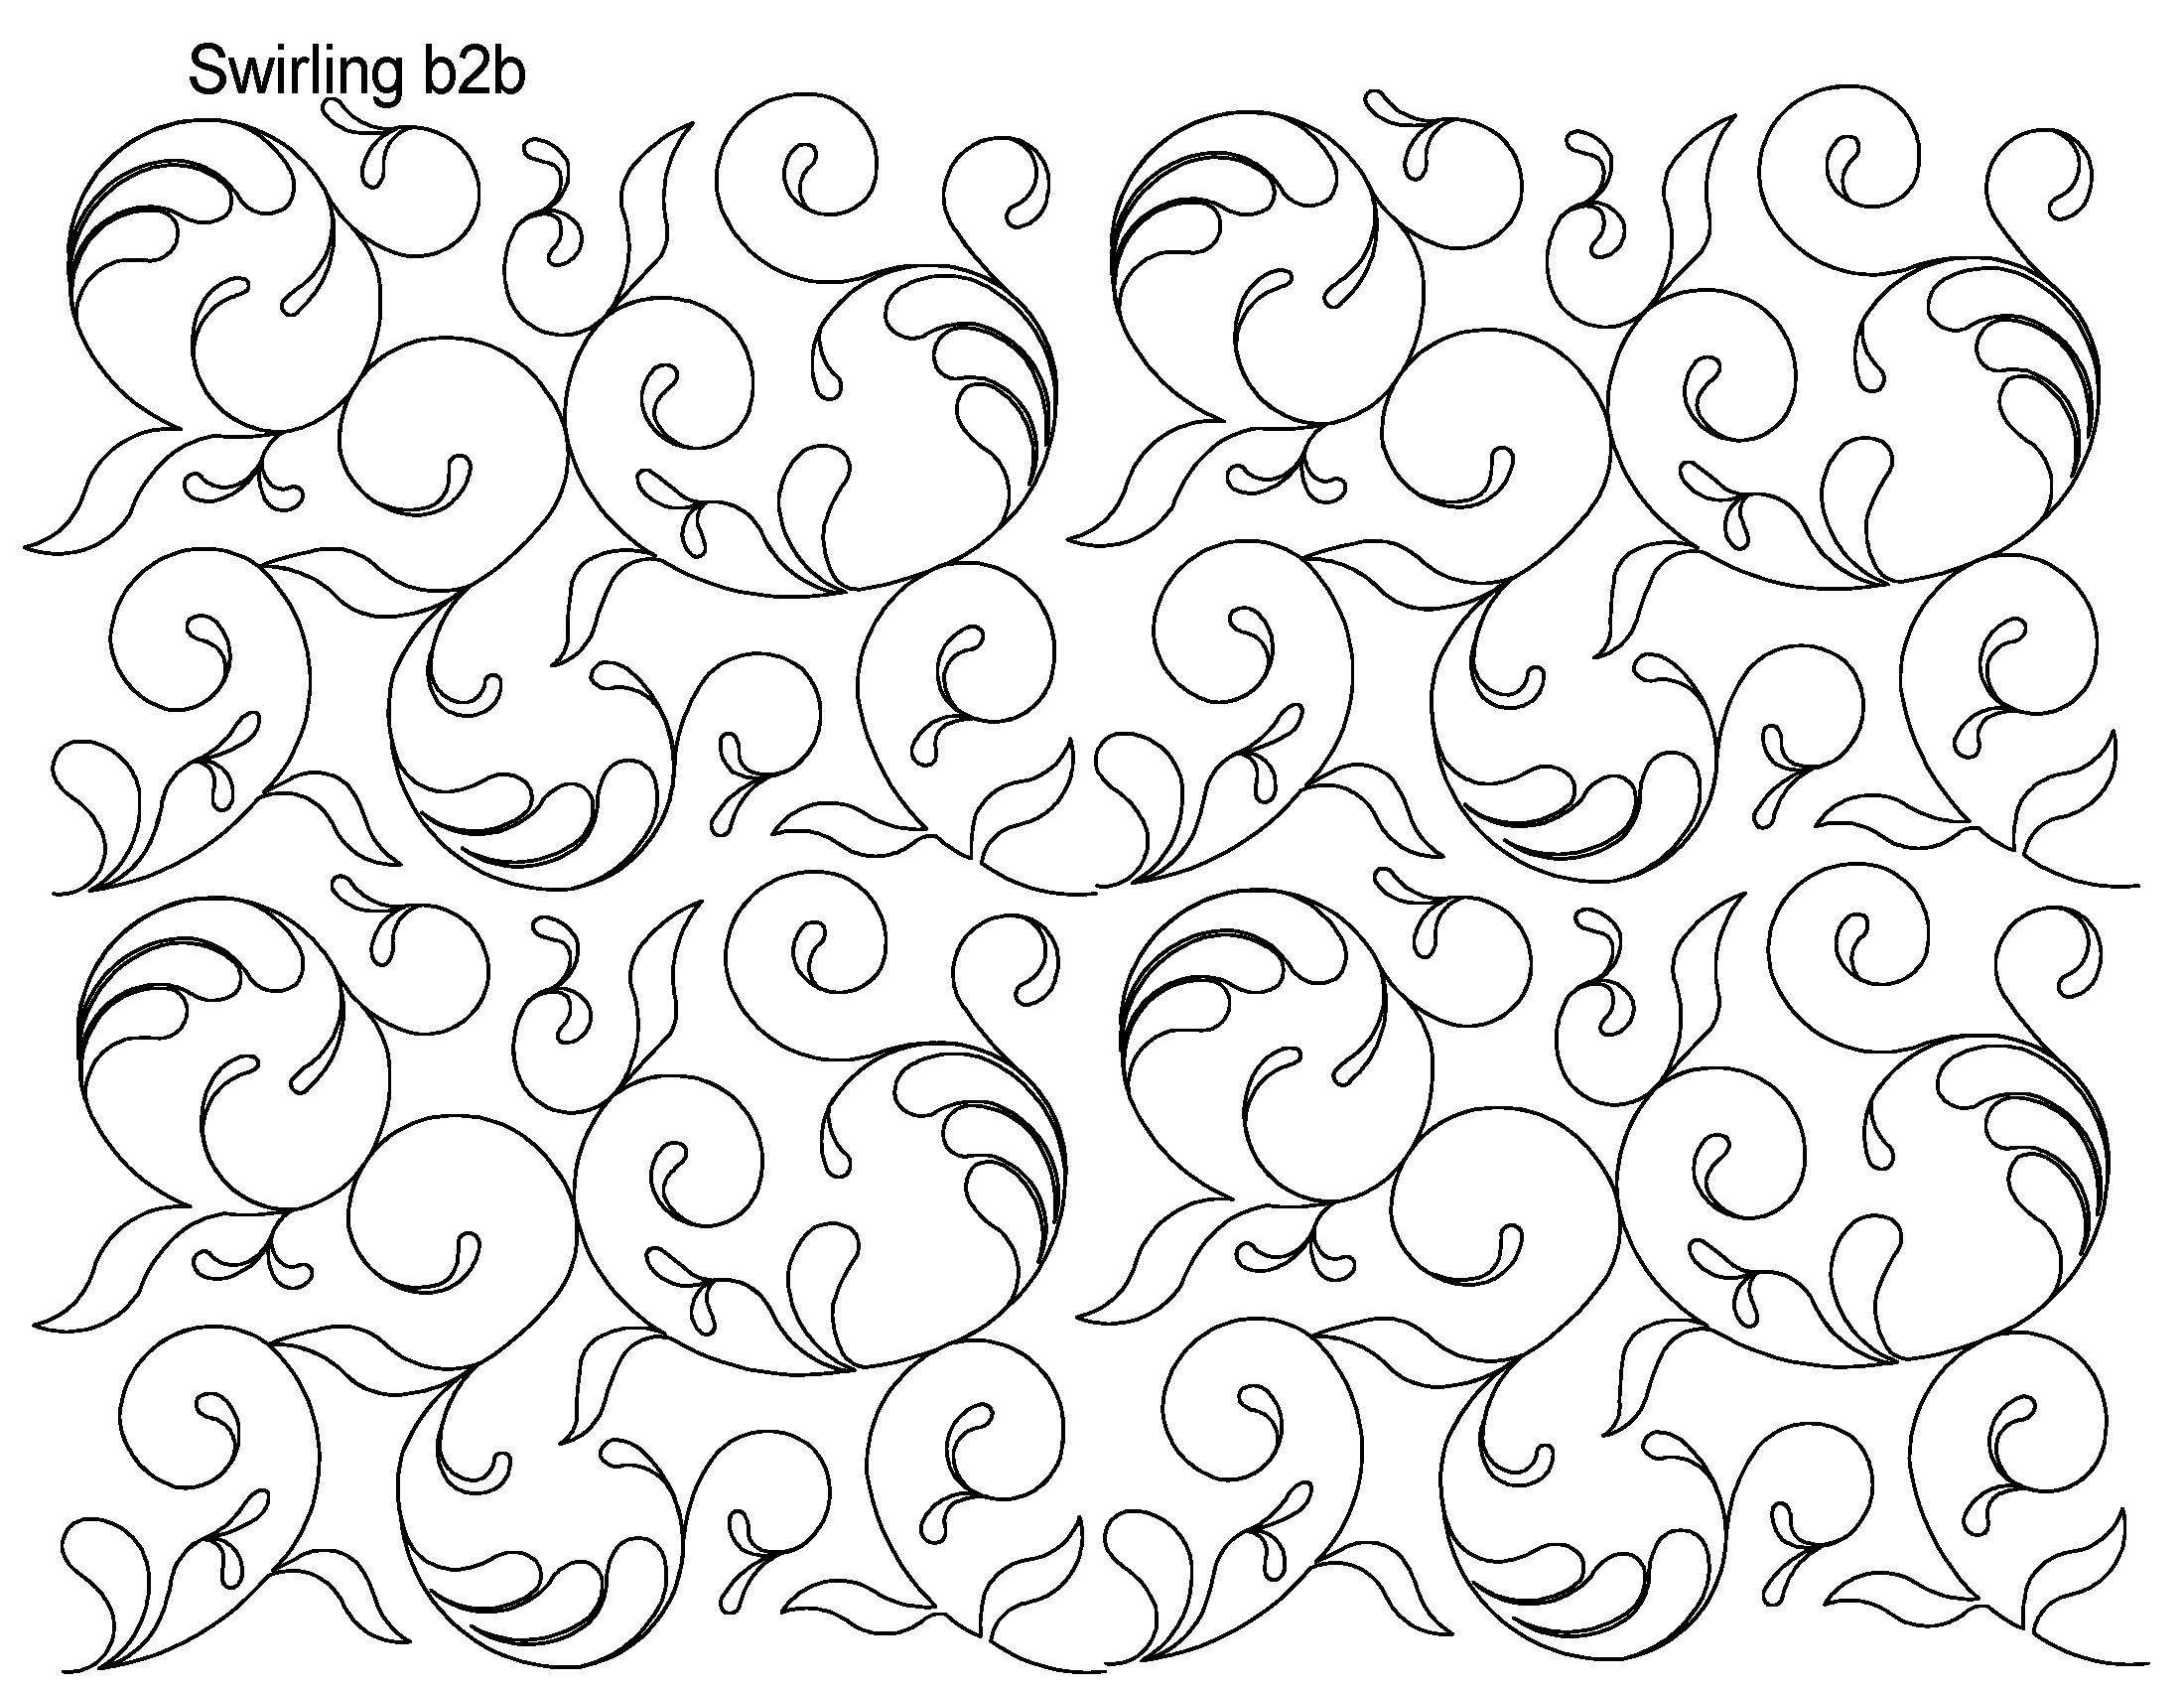 Swirling b2b